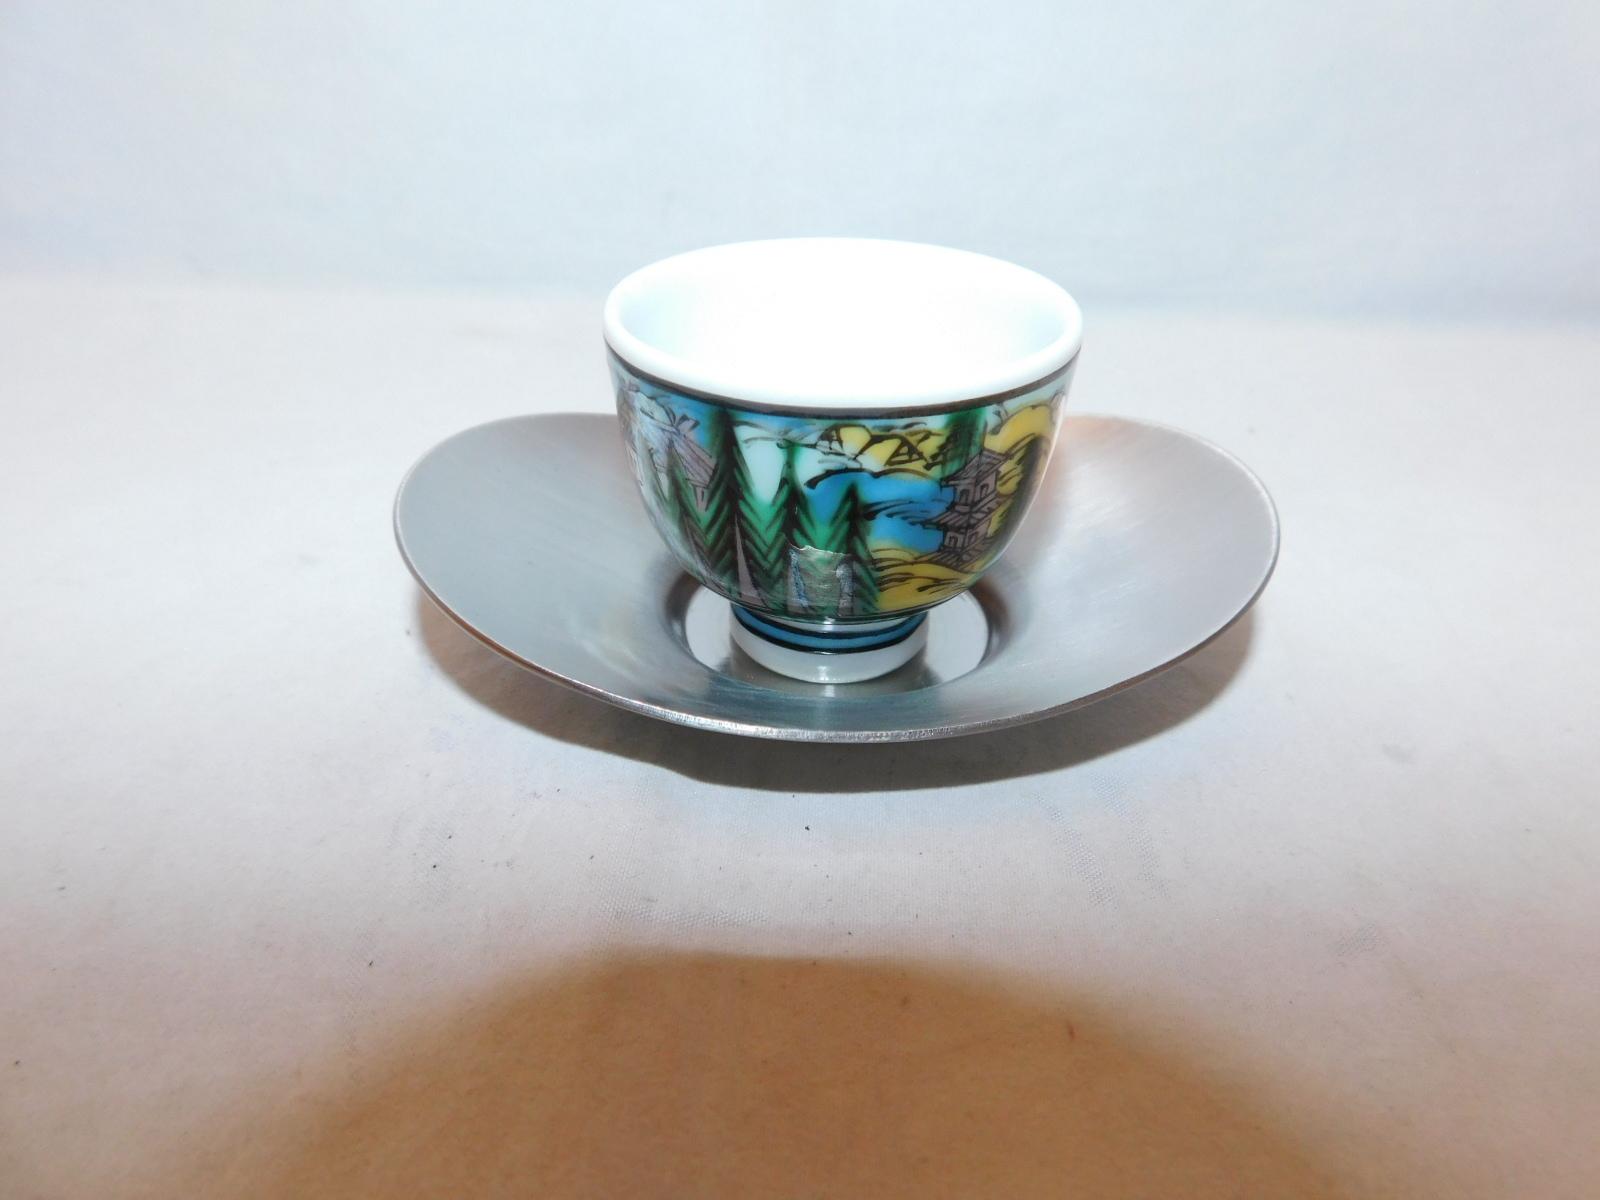 シルバー色楕円茶托(5客) lacquer Japanese tea four saucers (No25)